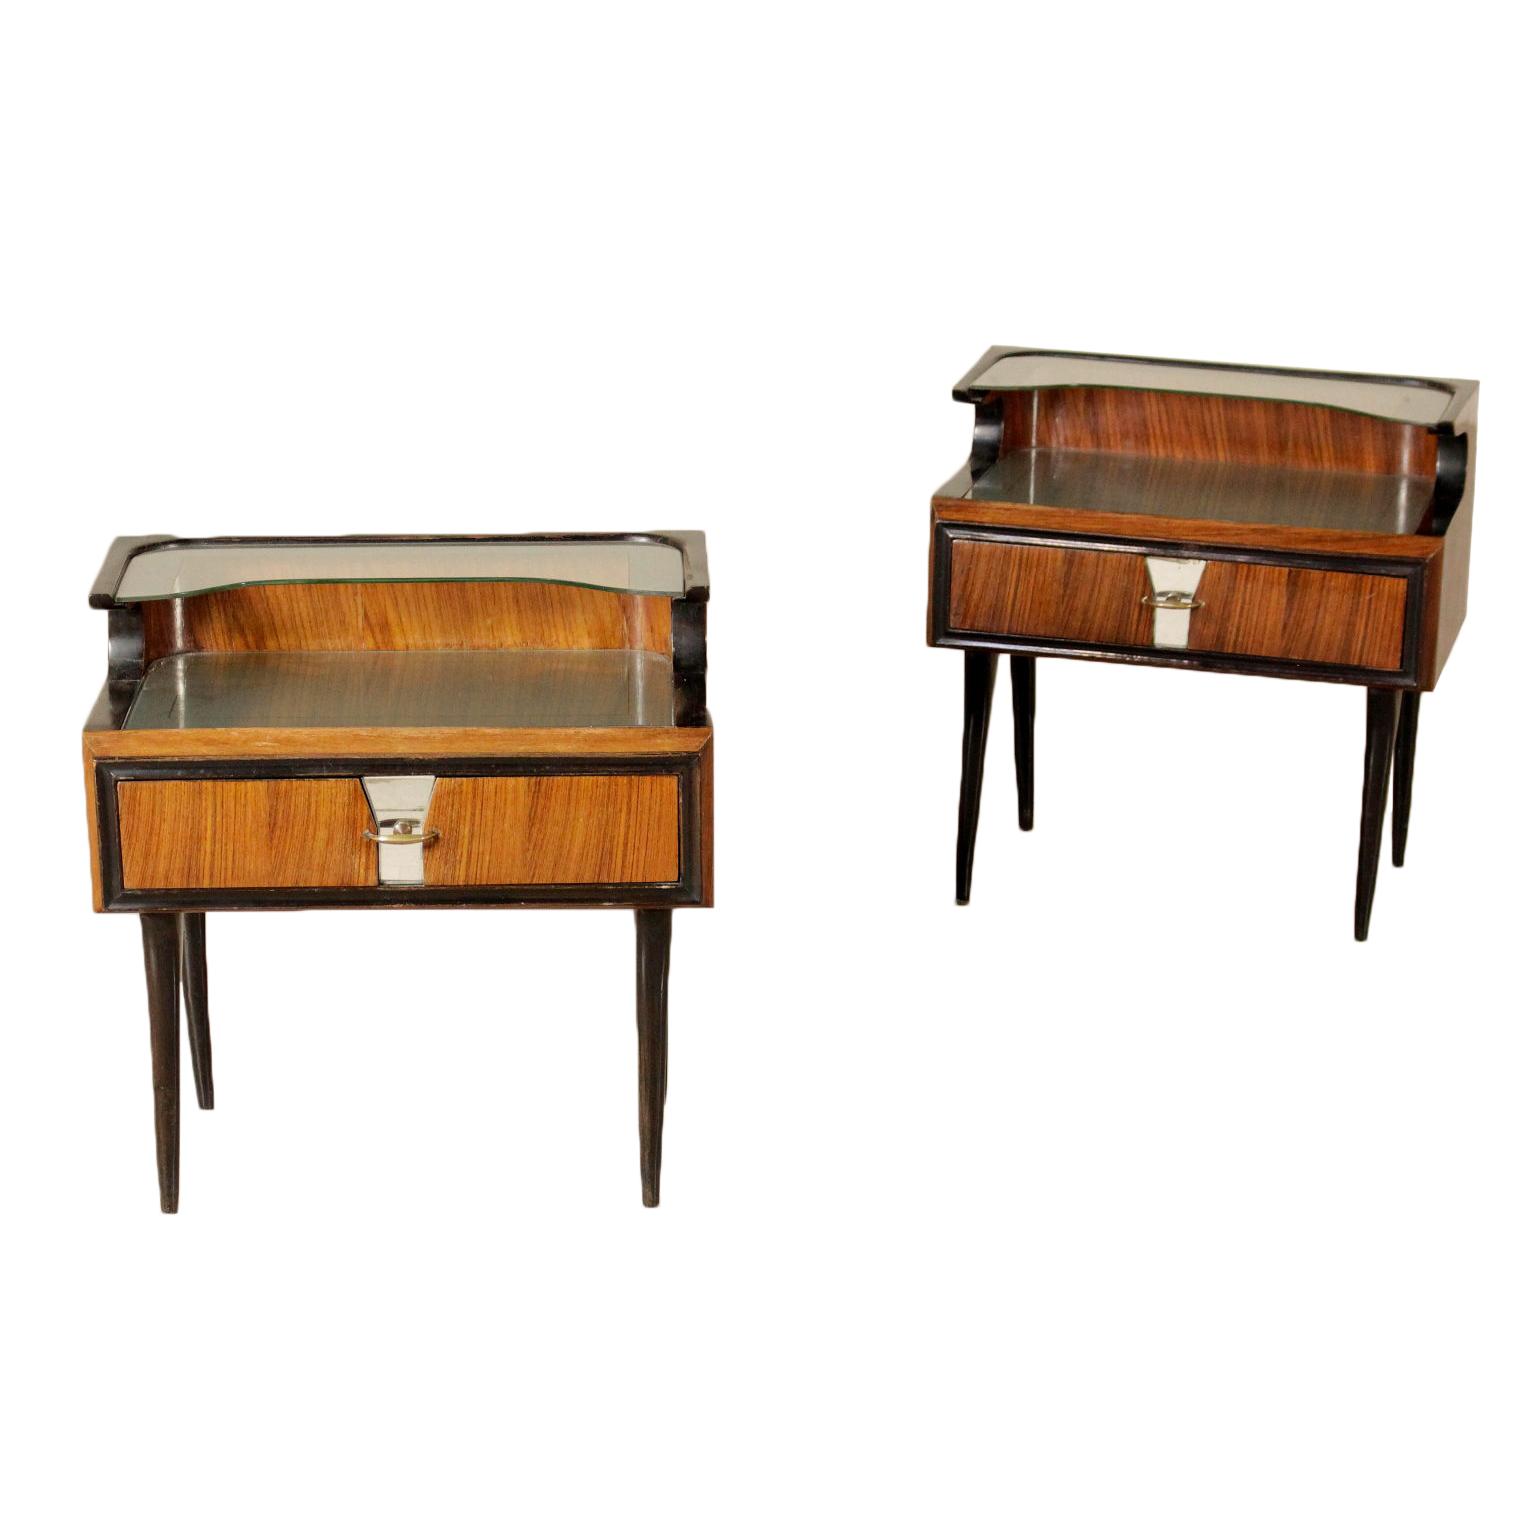 nachttische 50er und 60er jahren - möbel - modernes design